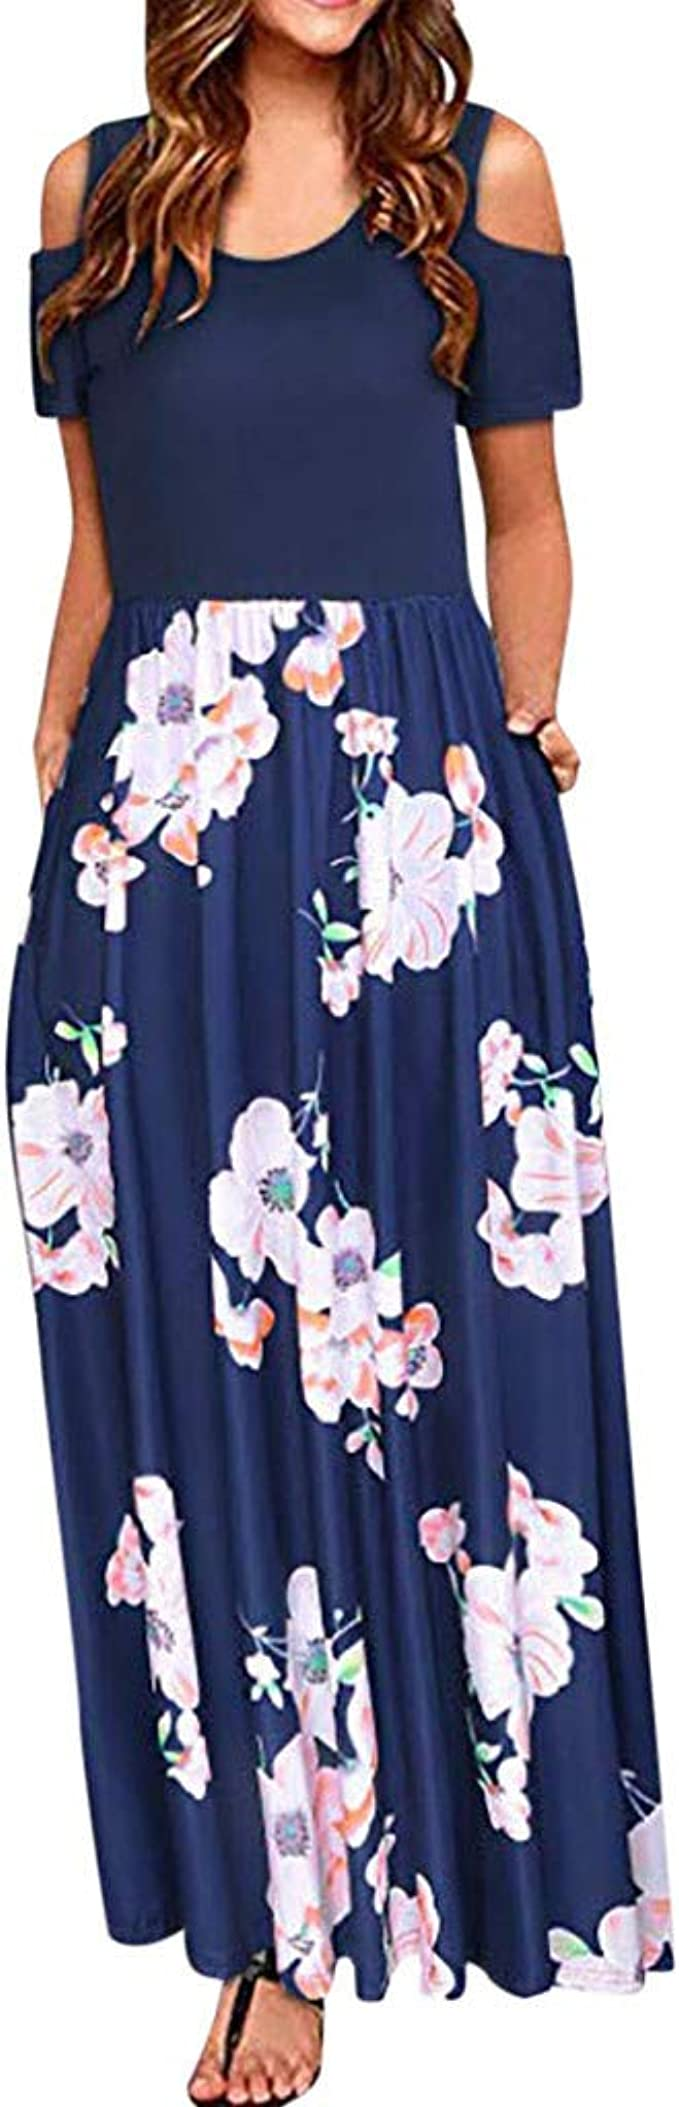 Zegeey Damen Kleid Sommer Kurzarm Schulterfrei Einfarbig Sommermode Sale  Blumenkleid Maxi Kleid A Linie Kleider Vintage Elegant Frühling LäSsige ...